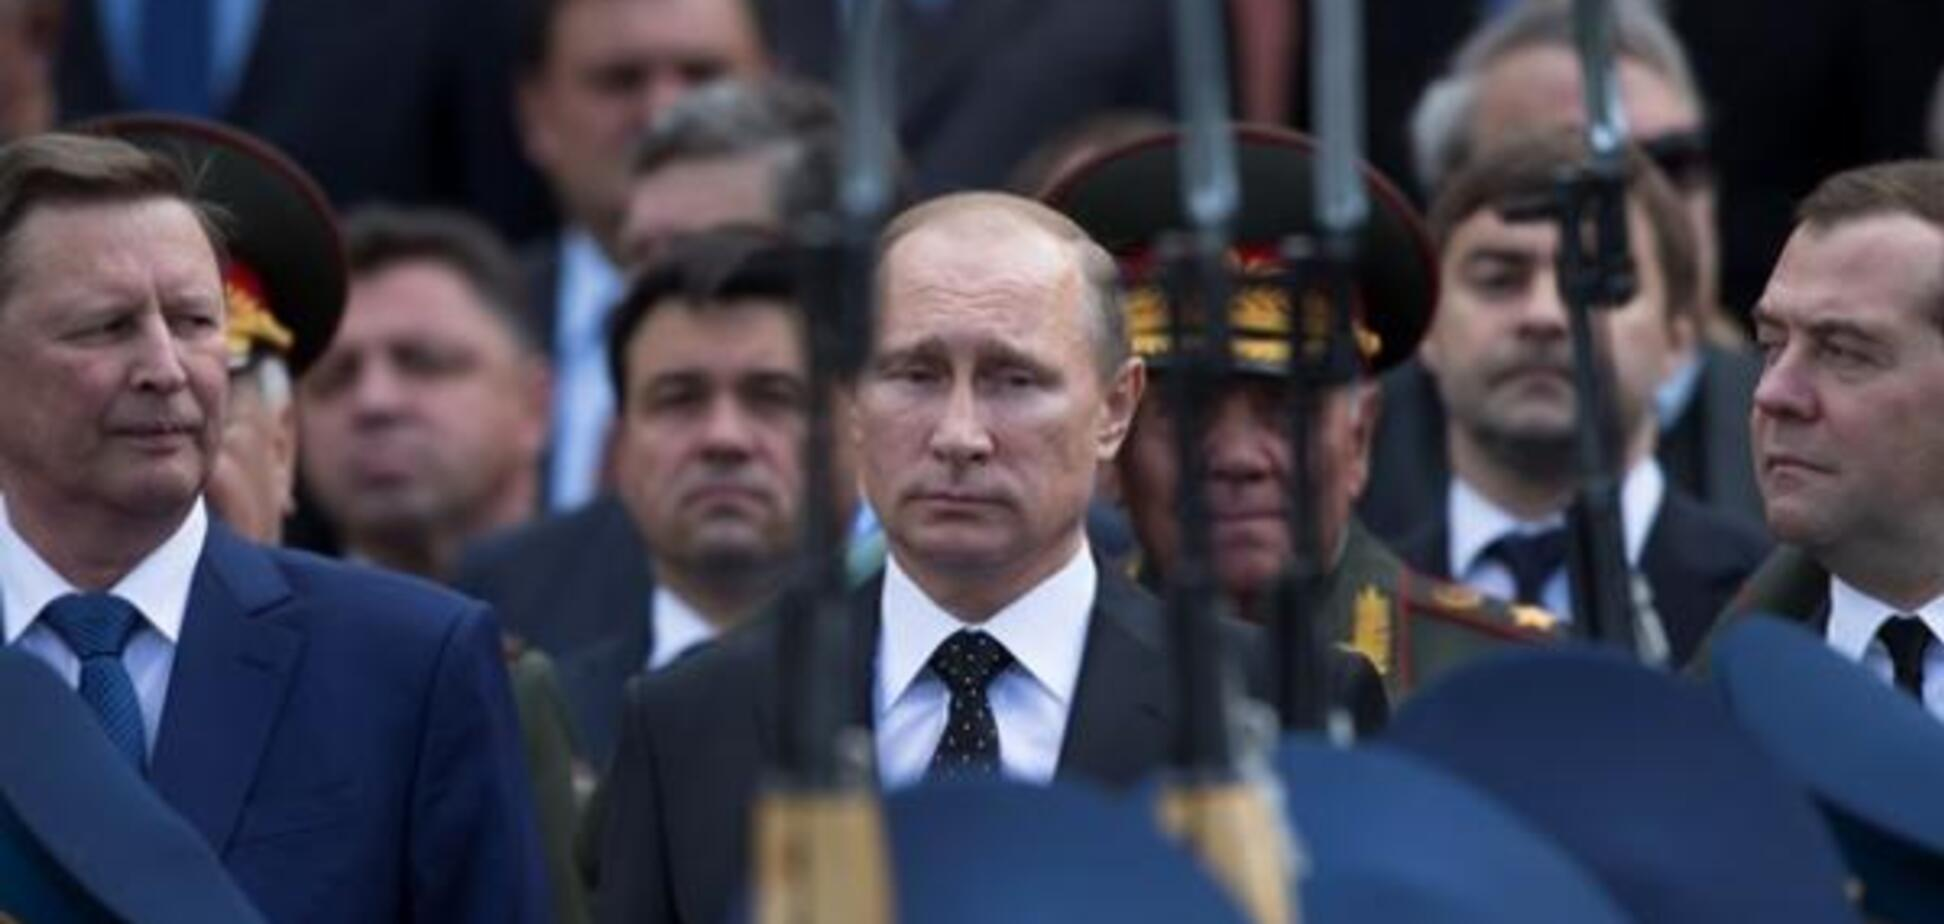 Россия стала крупнейшей мировой угрозой